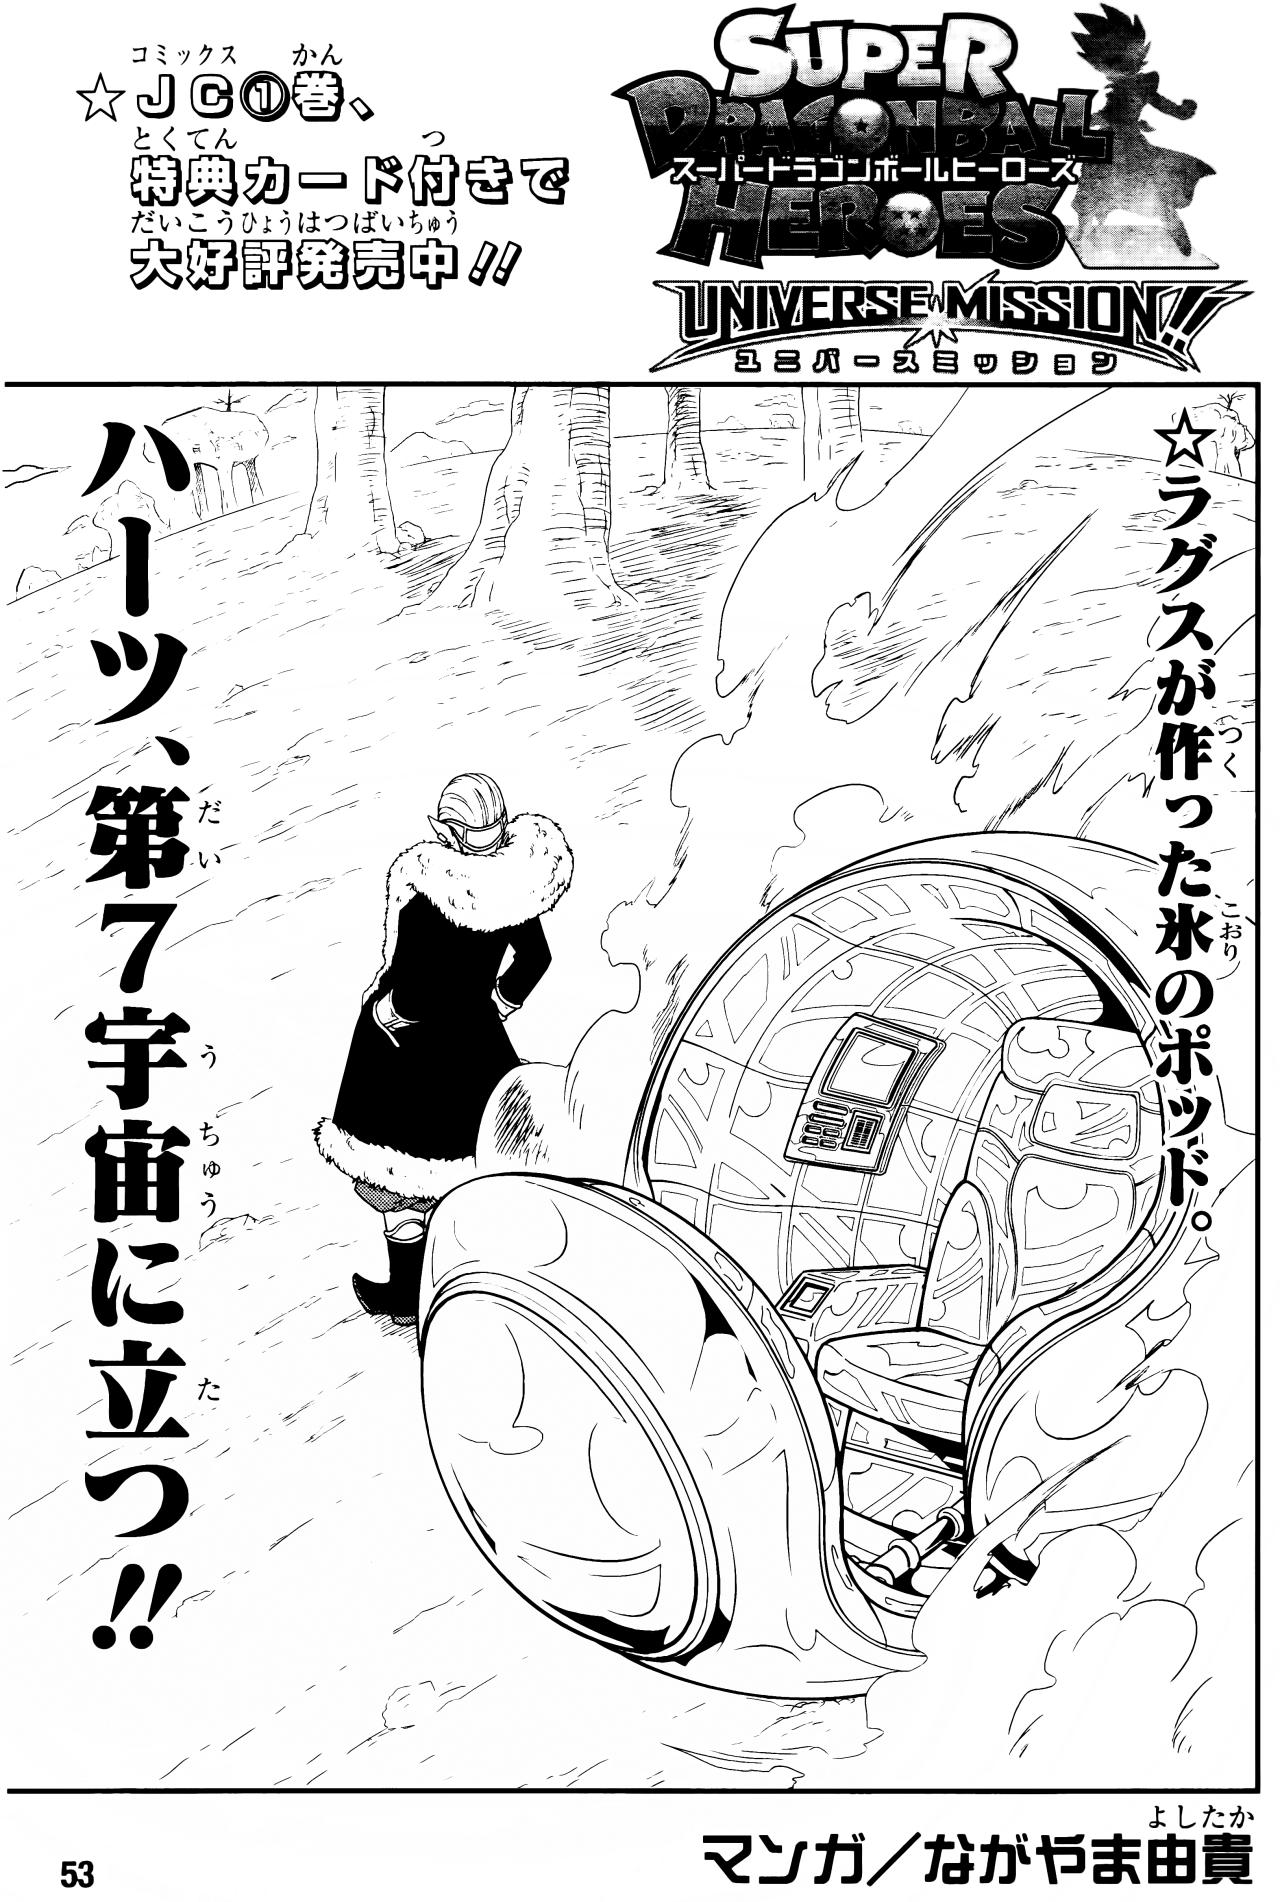 Mission de l'Univers chapitre 010